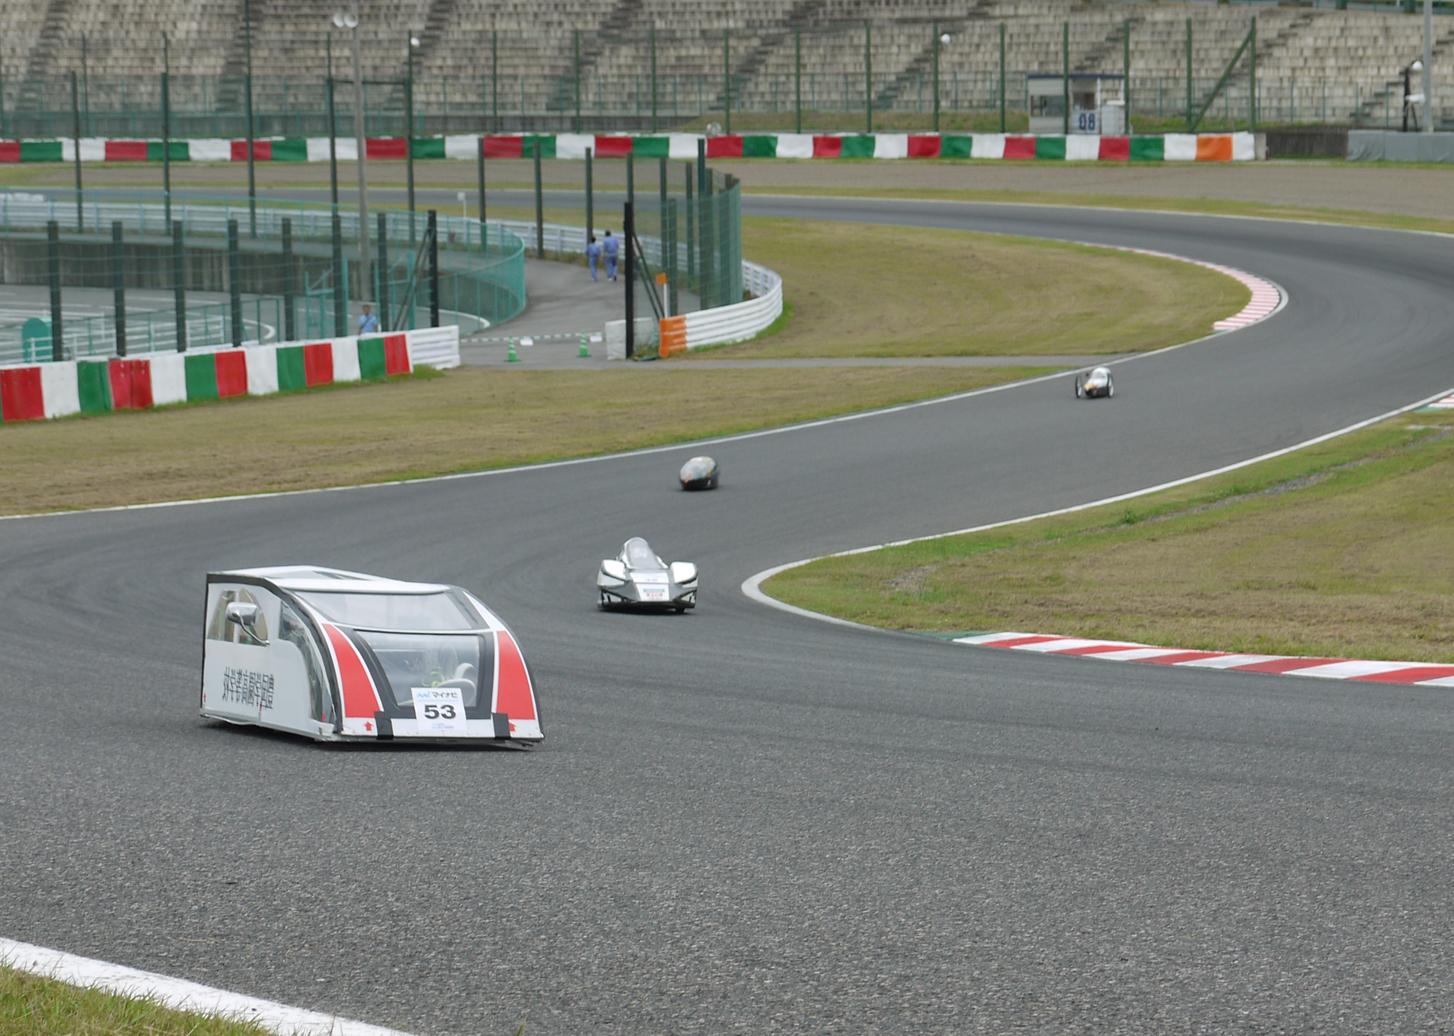 【Ene-1 GP】2014年のチャレンジの様子(KV-40)